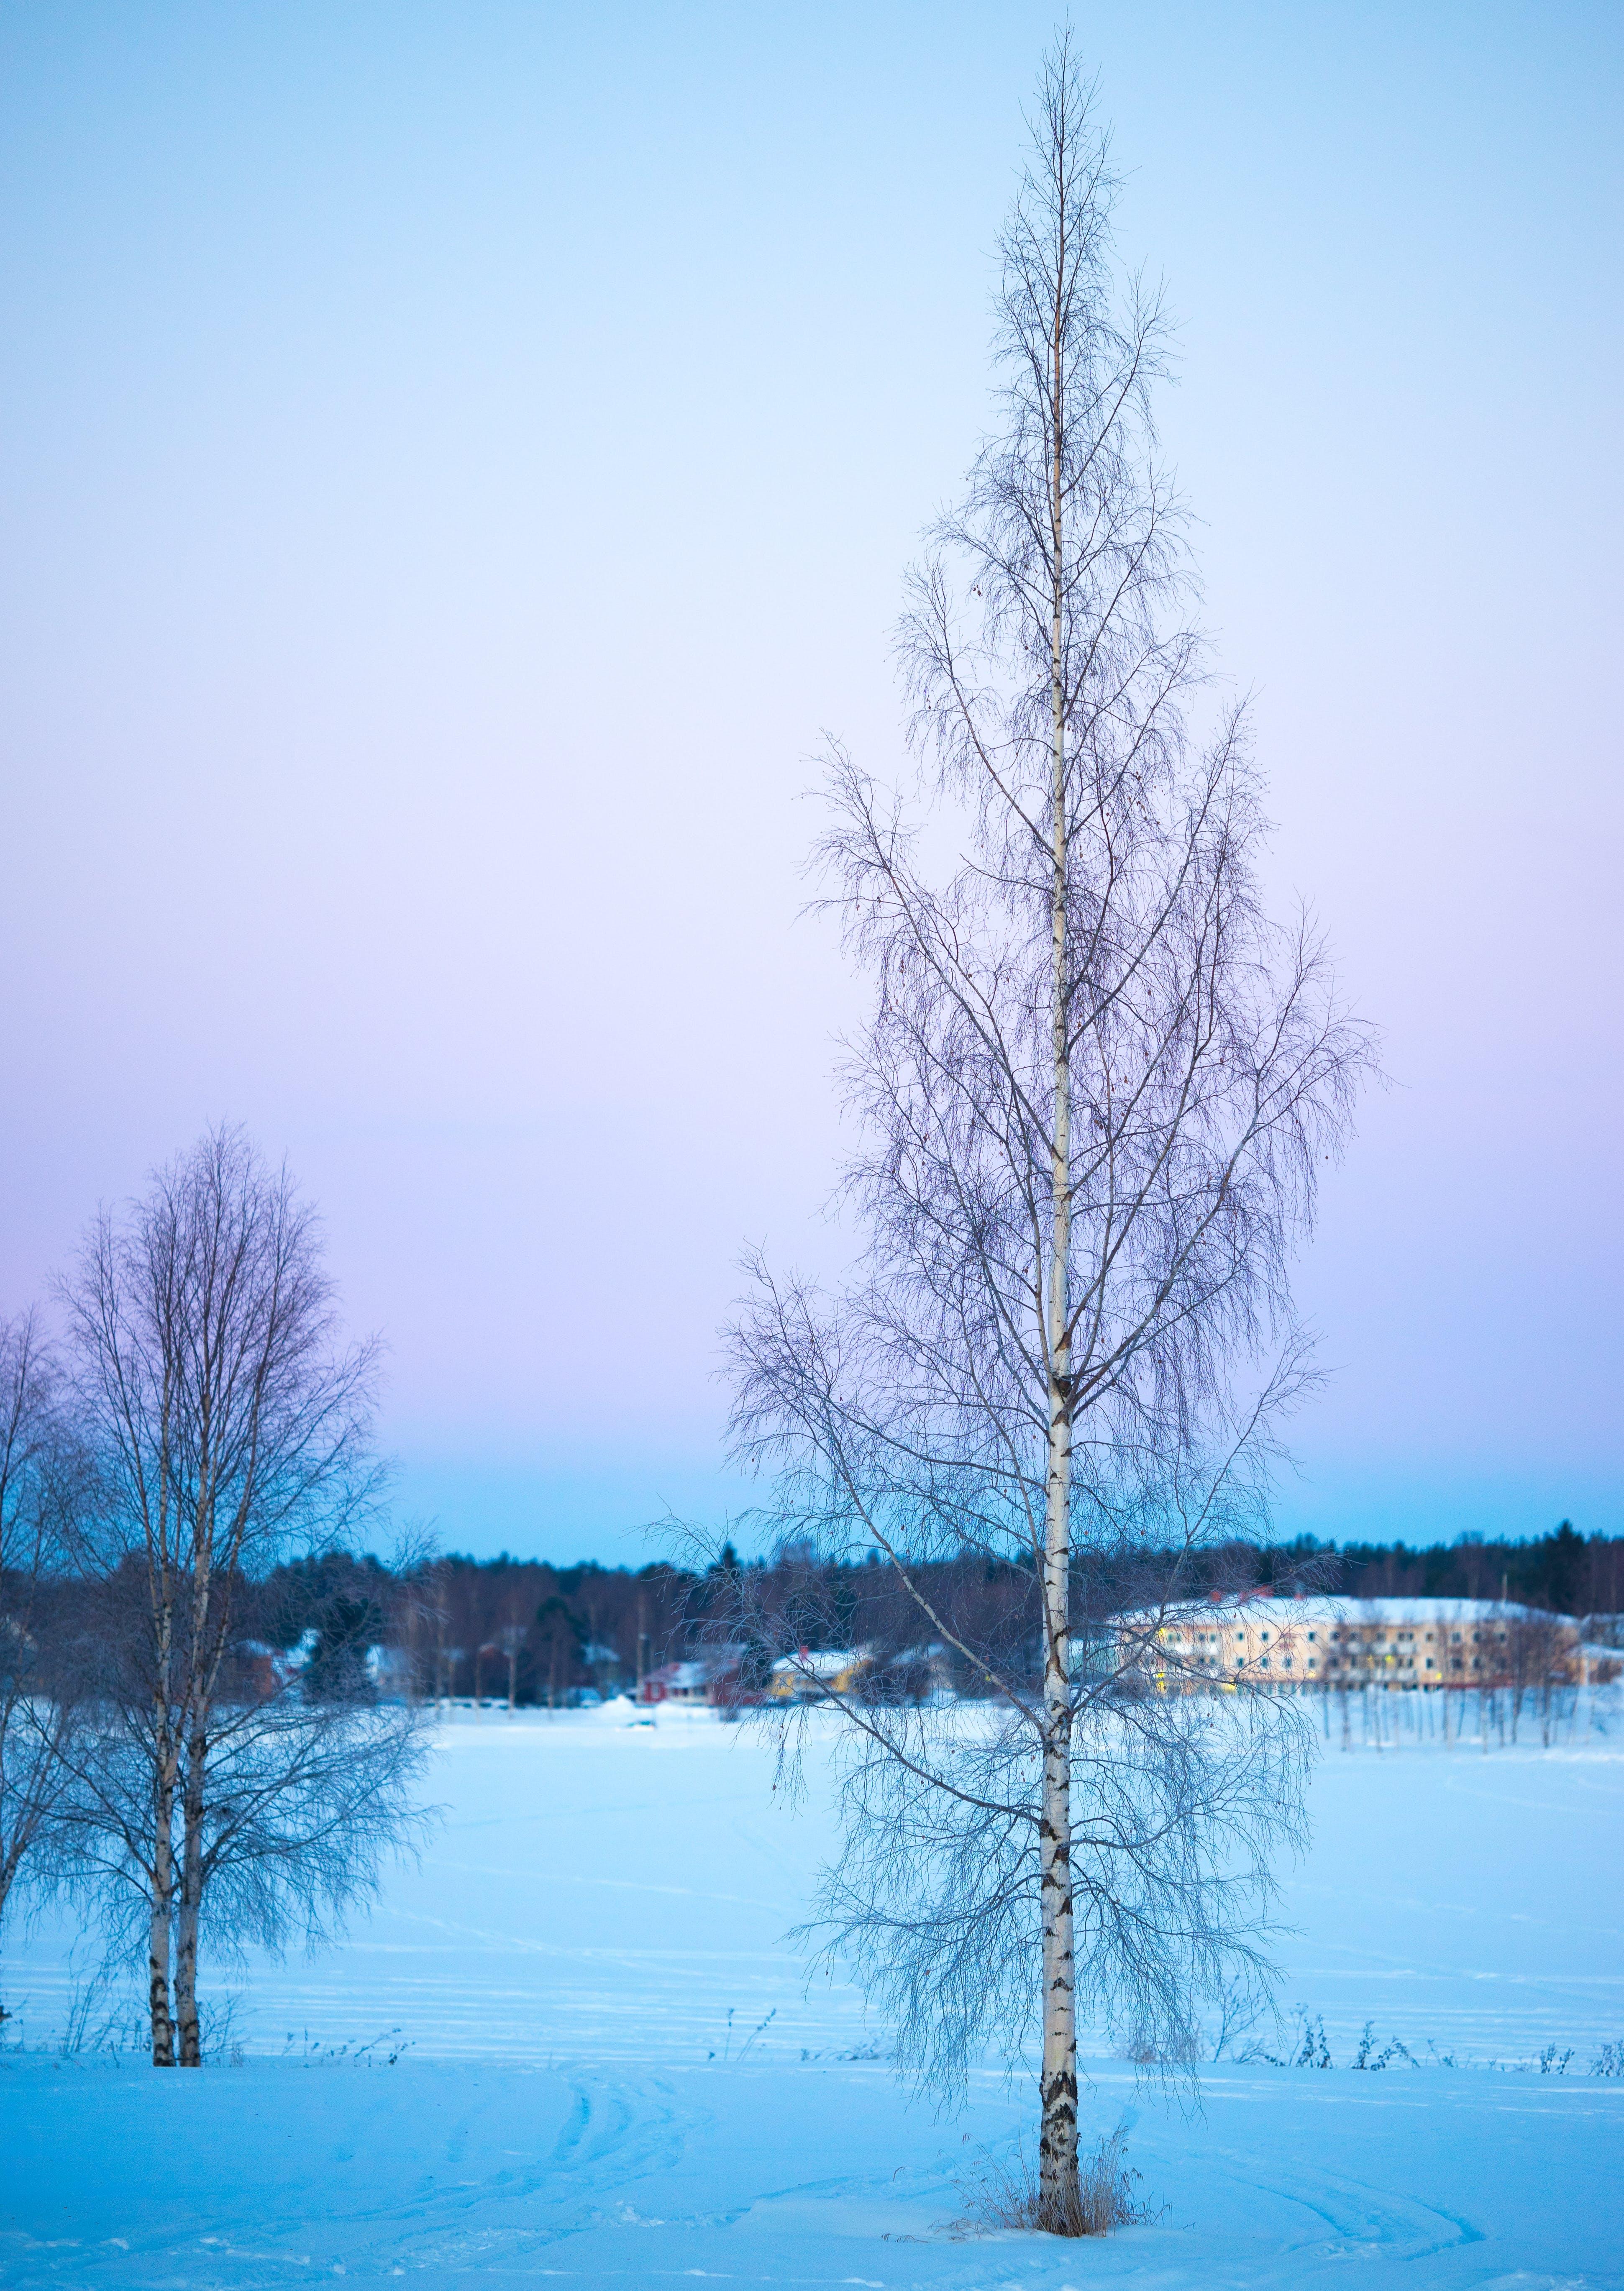 băng, băng giá, bầu trời